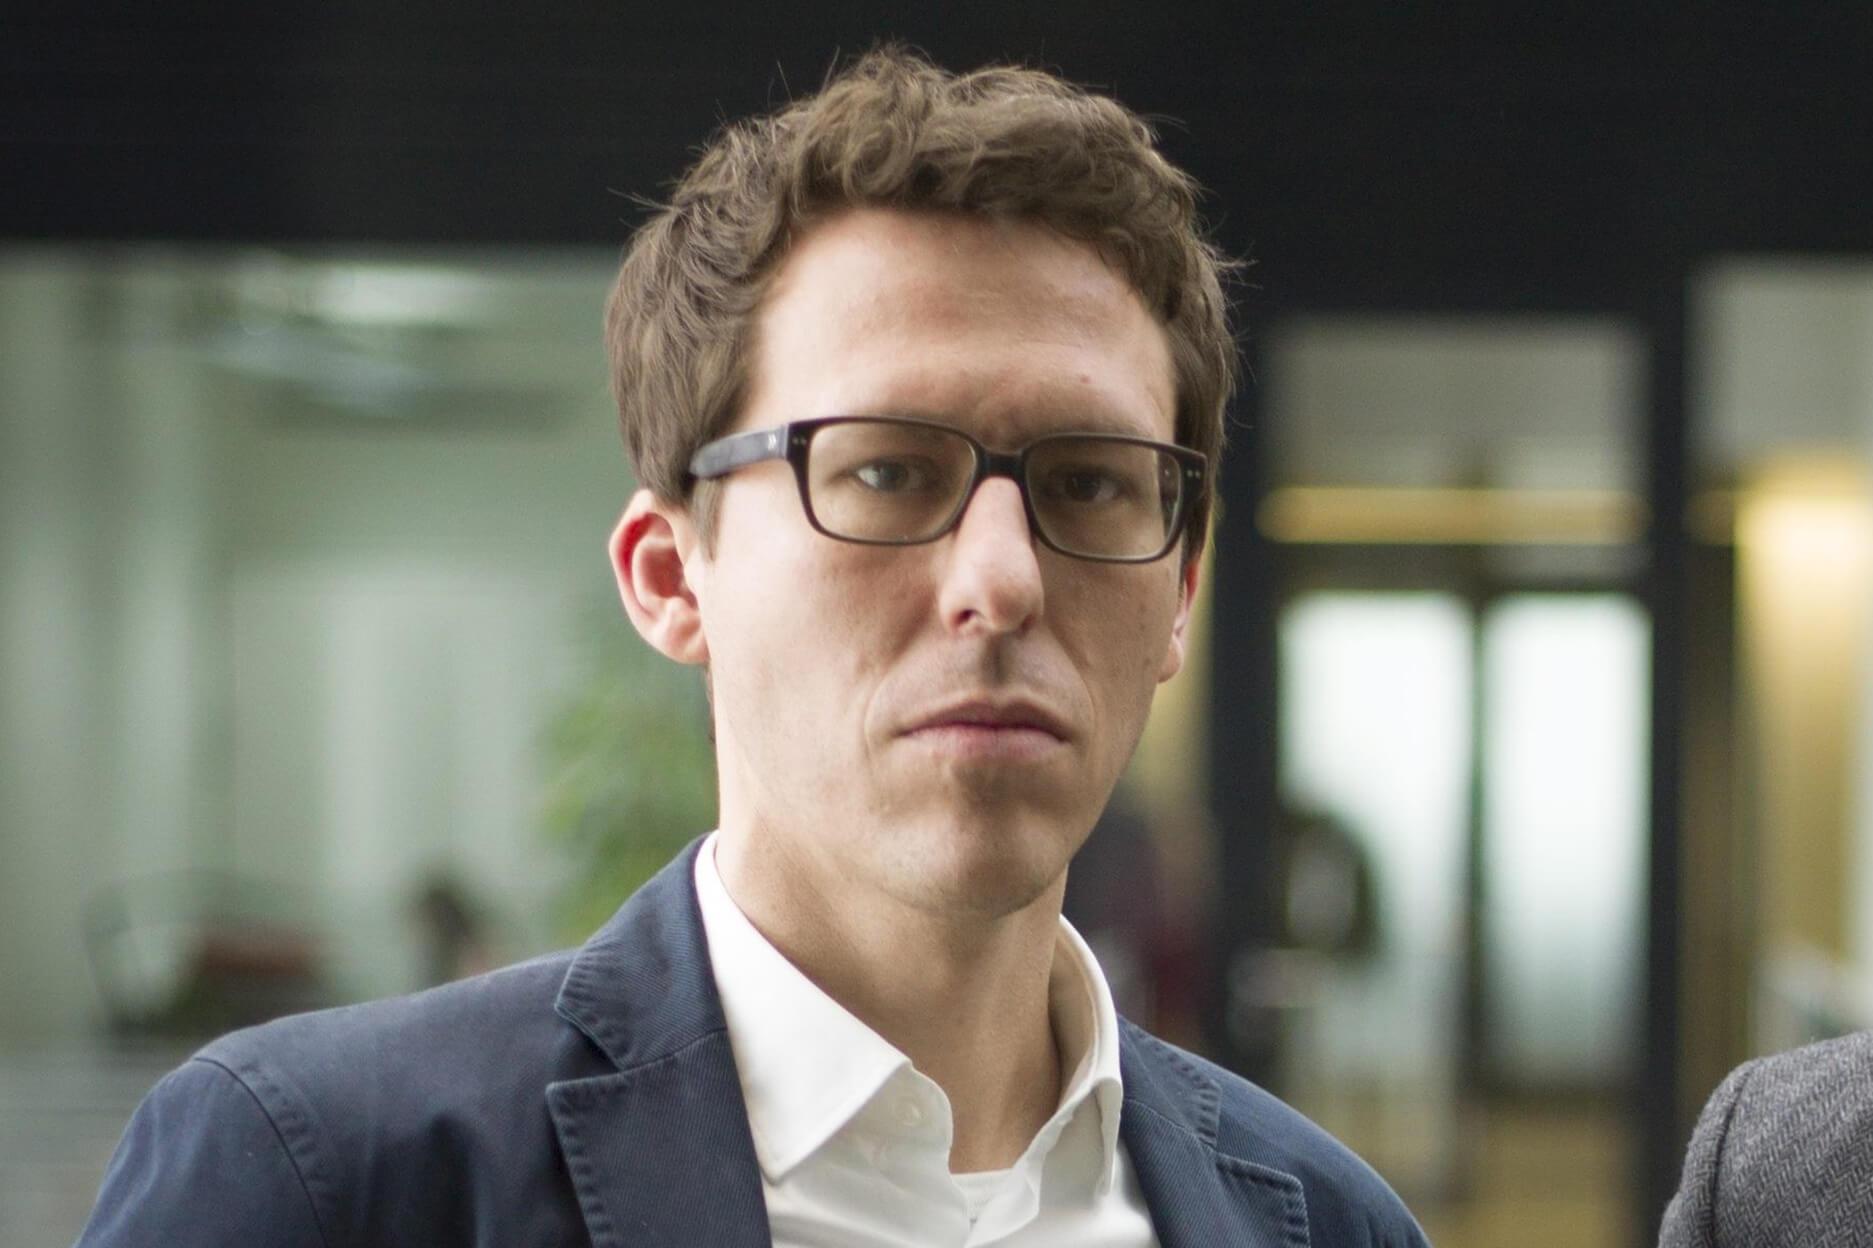 Hablamos con el reportero de los Panama Papers que ganó el Pulitzer